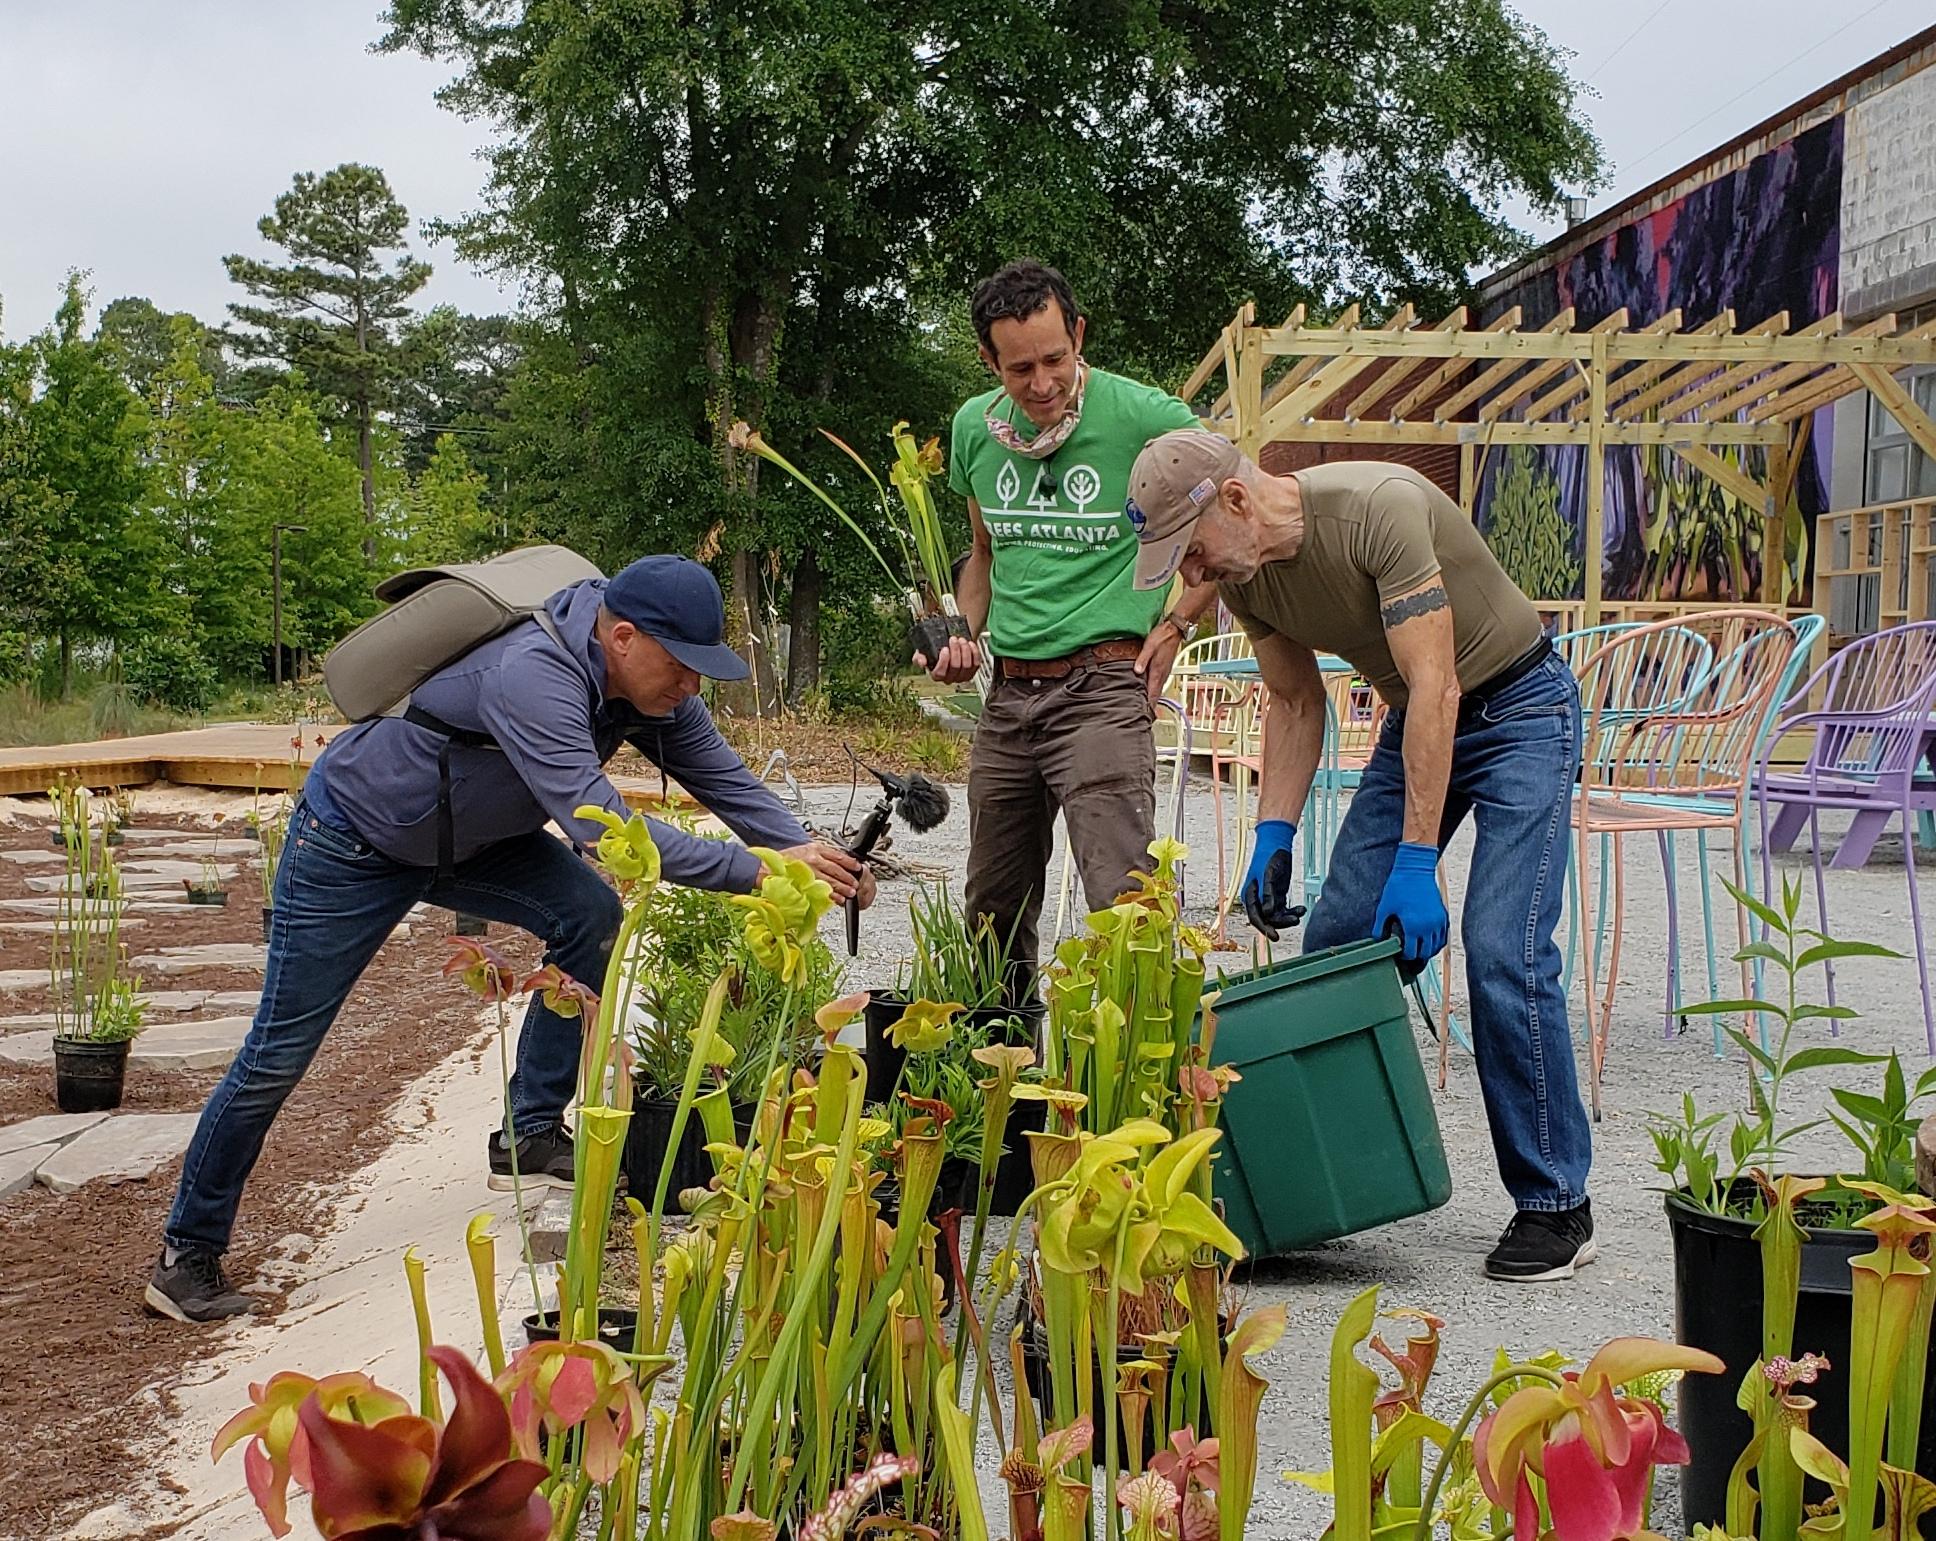 Greg Levine and volunteers in bog garden